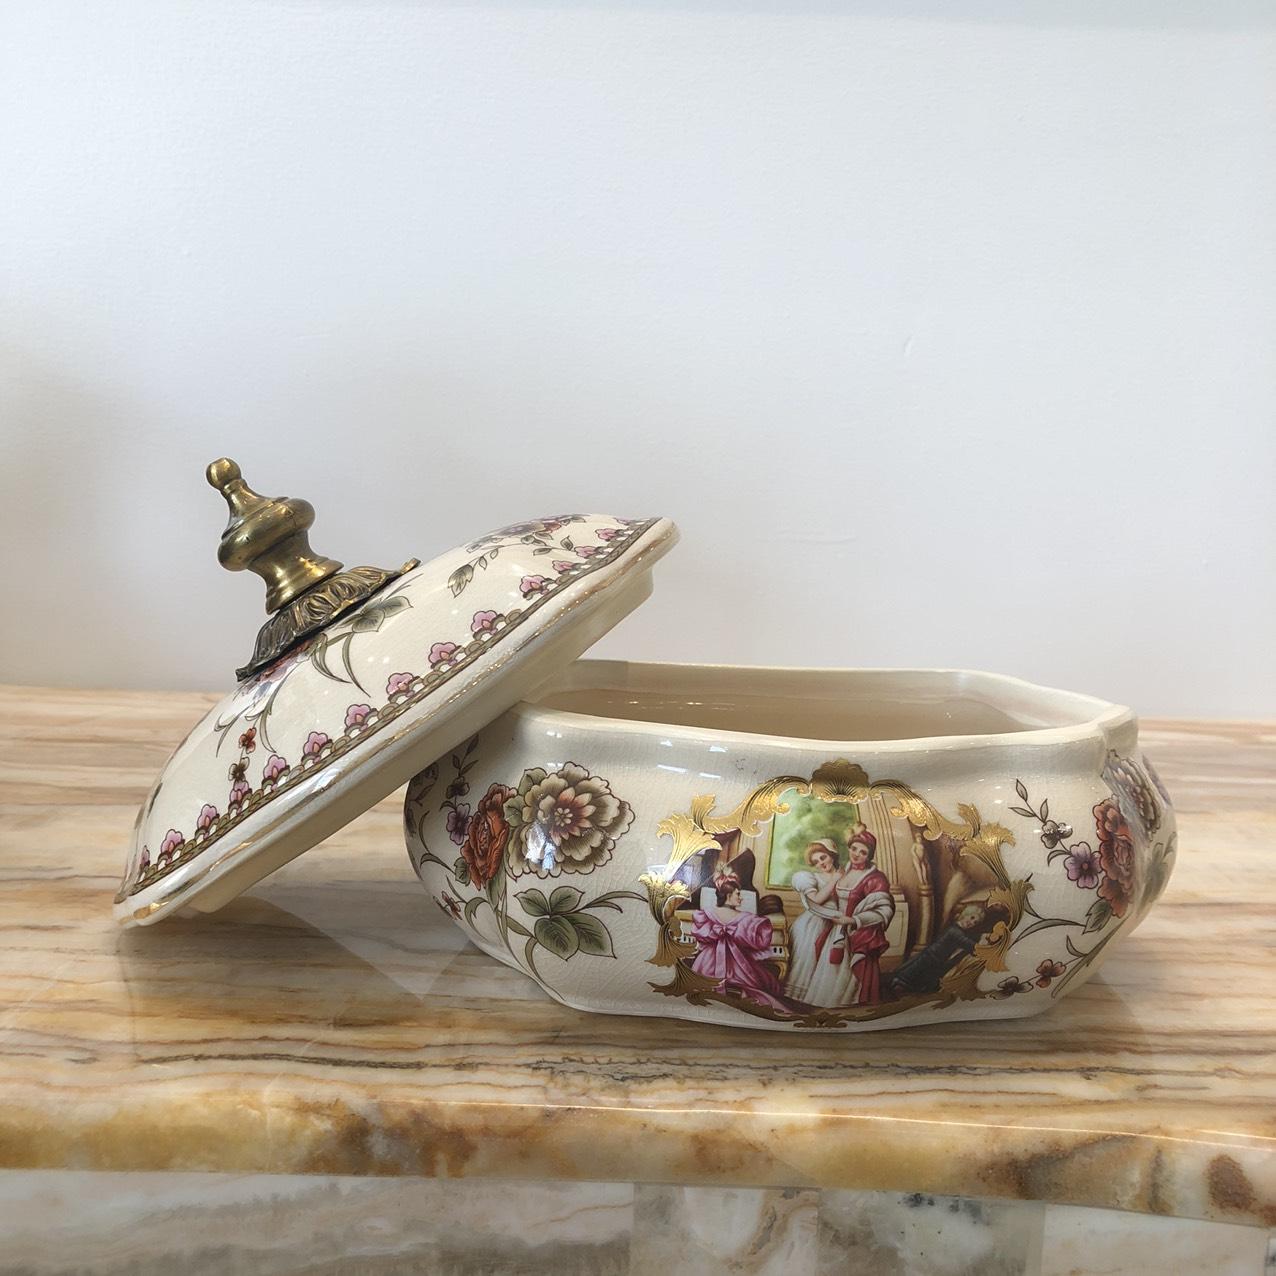 Hũ đựng kẹo họa tiết châu âu- kích thước : 22 x 18 x 18cm -chất liệu : men sứ rạn hợp kim